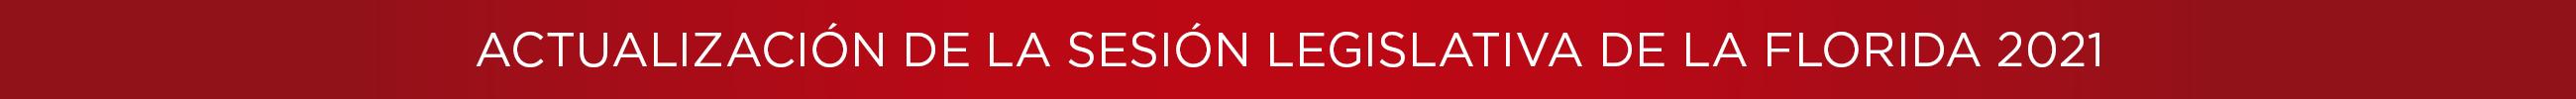 Actualización de la Sesión Legislativa de la Florida2021